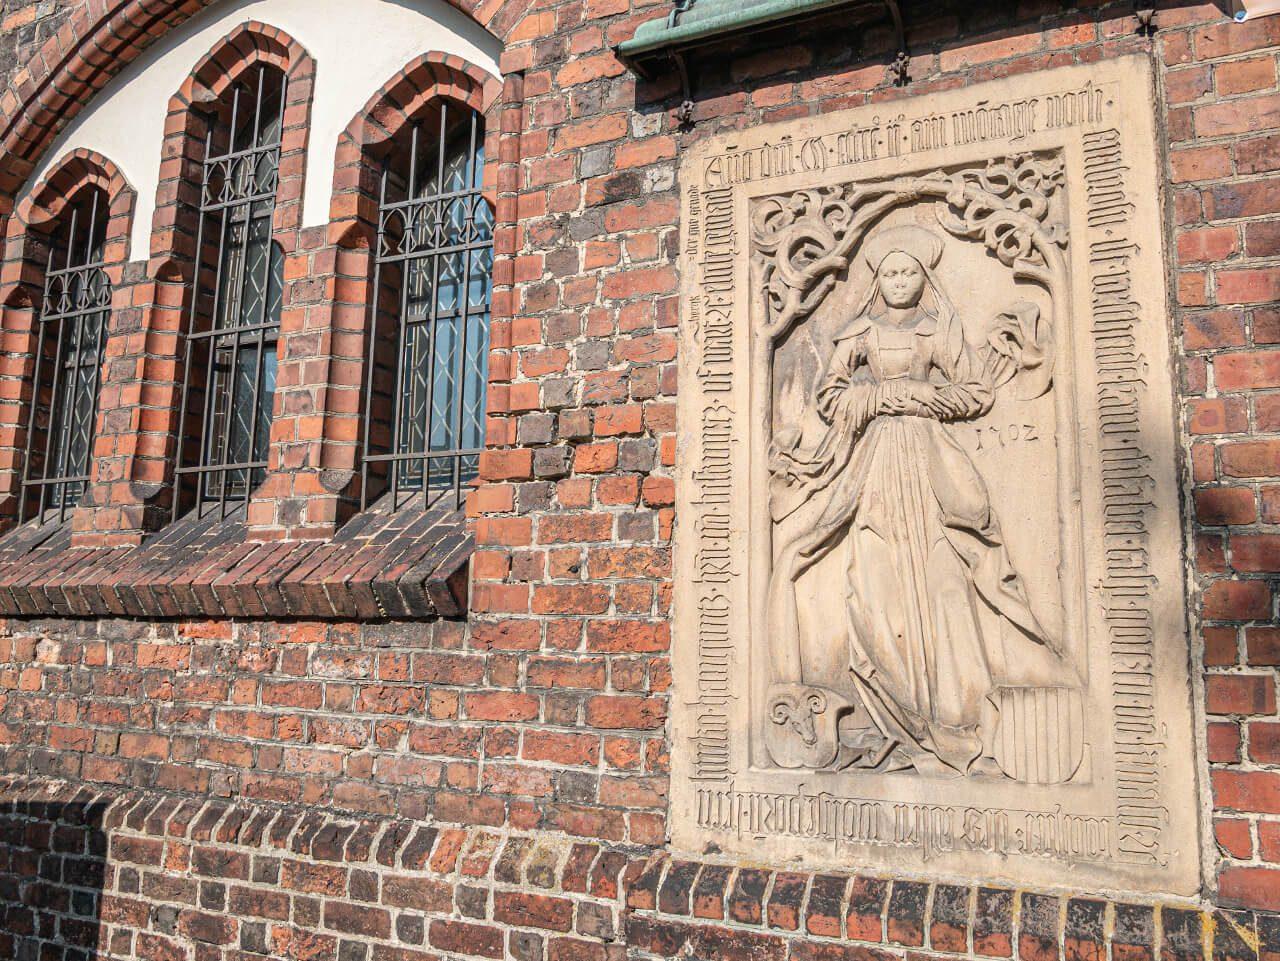 Tablica nagrobna Syców kościół piotra i pawła